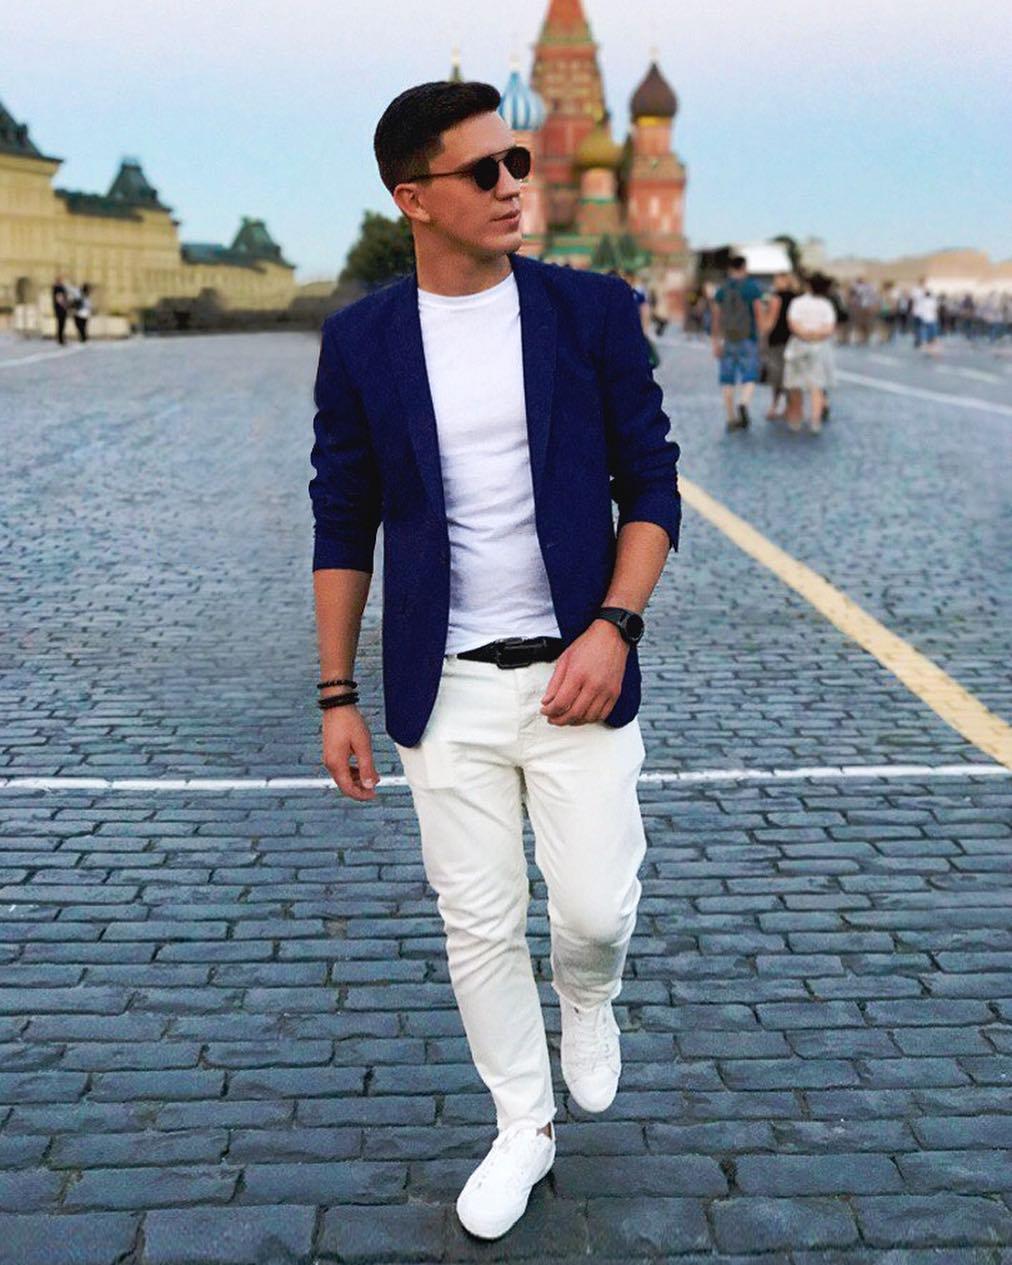 dima-maslennikov-biografiya-i-ego-devushka-rost-i-ehmil-instagram-yutub